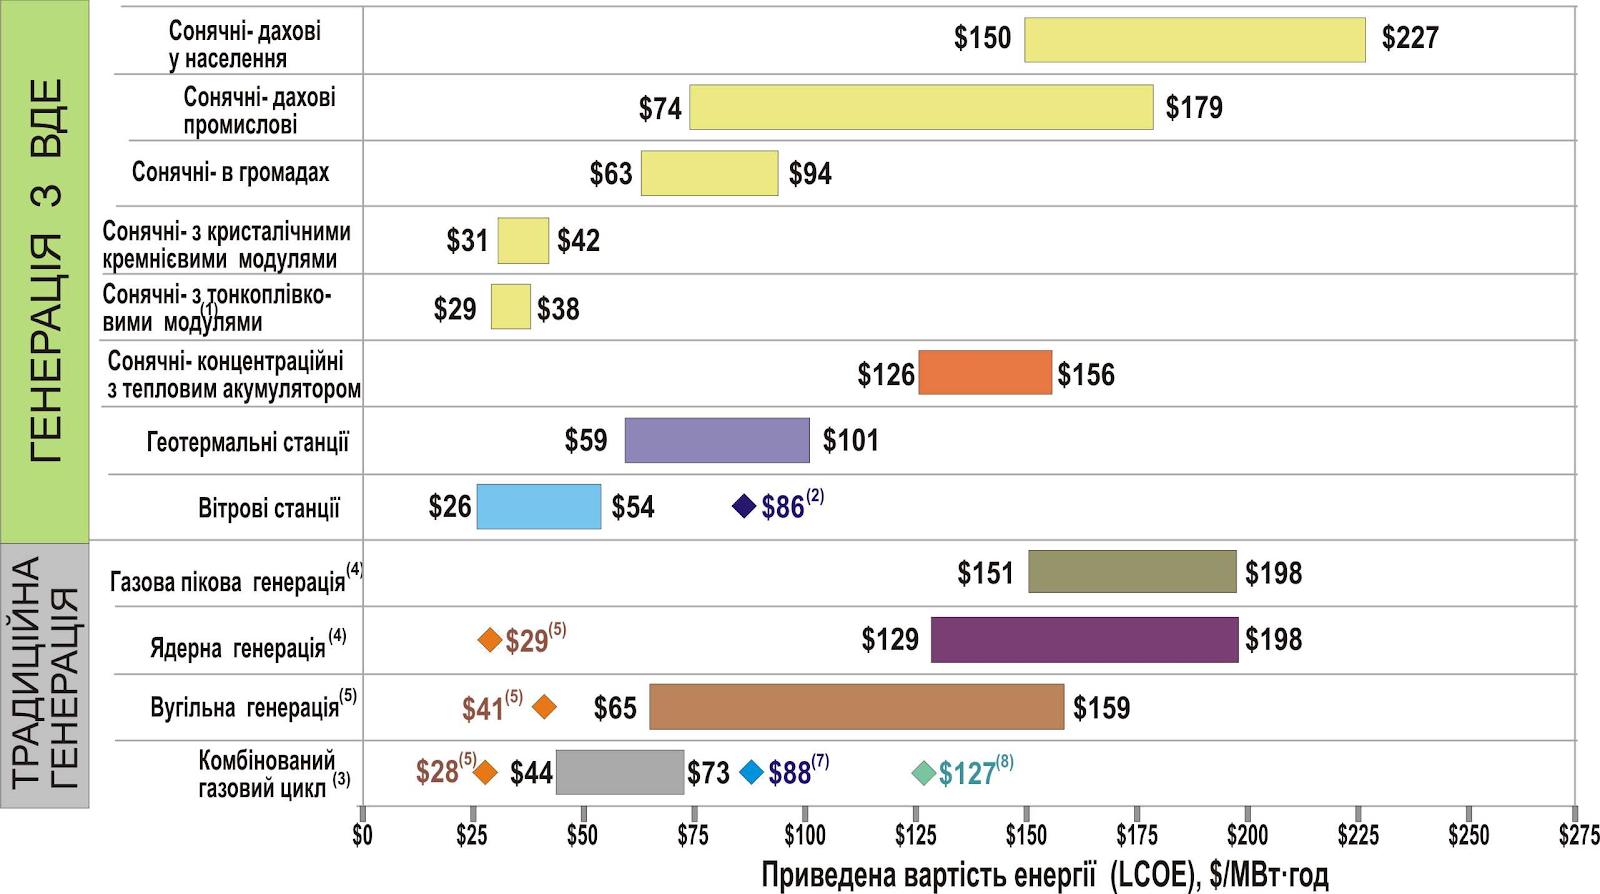 Рис. Приведена вартість електроенергії від генерації різного типу (за матеріалами LAZARD)